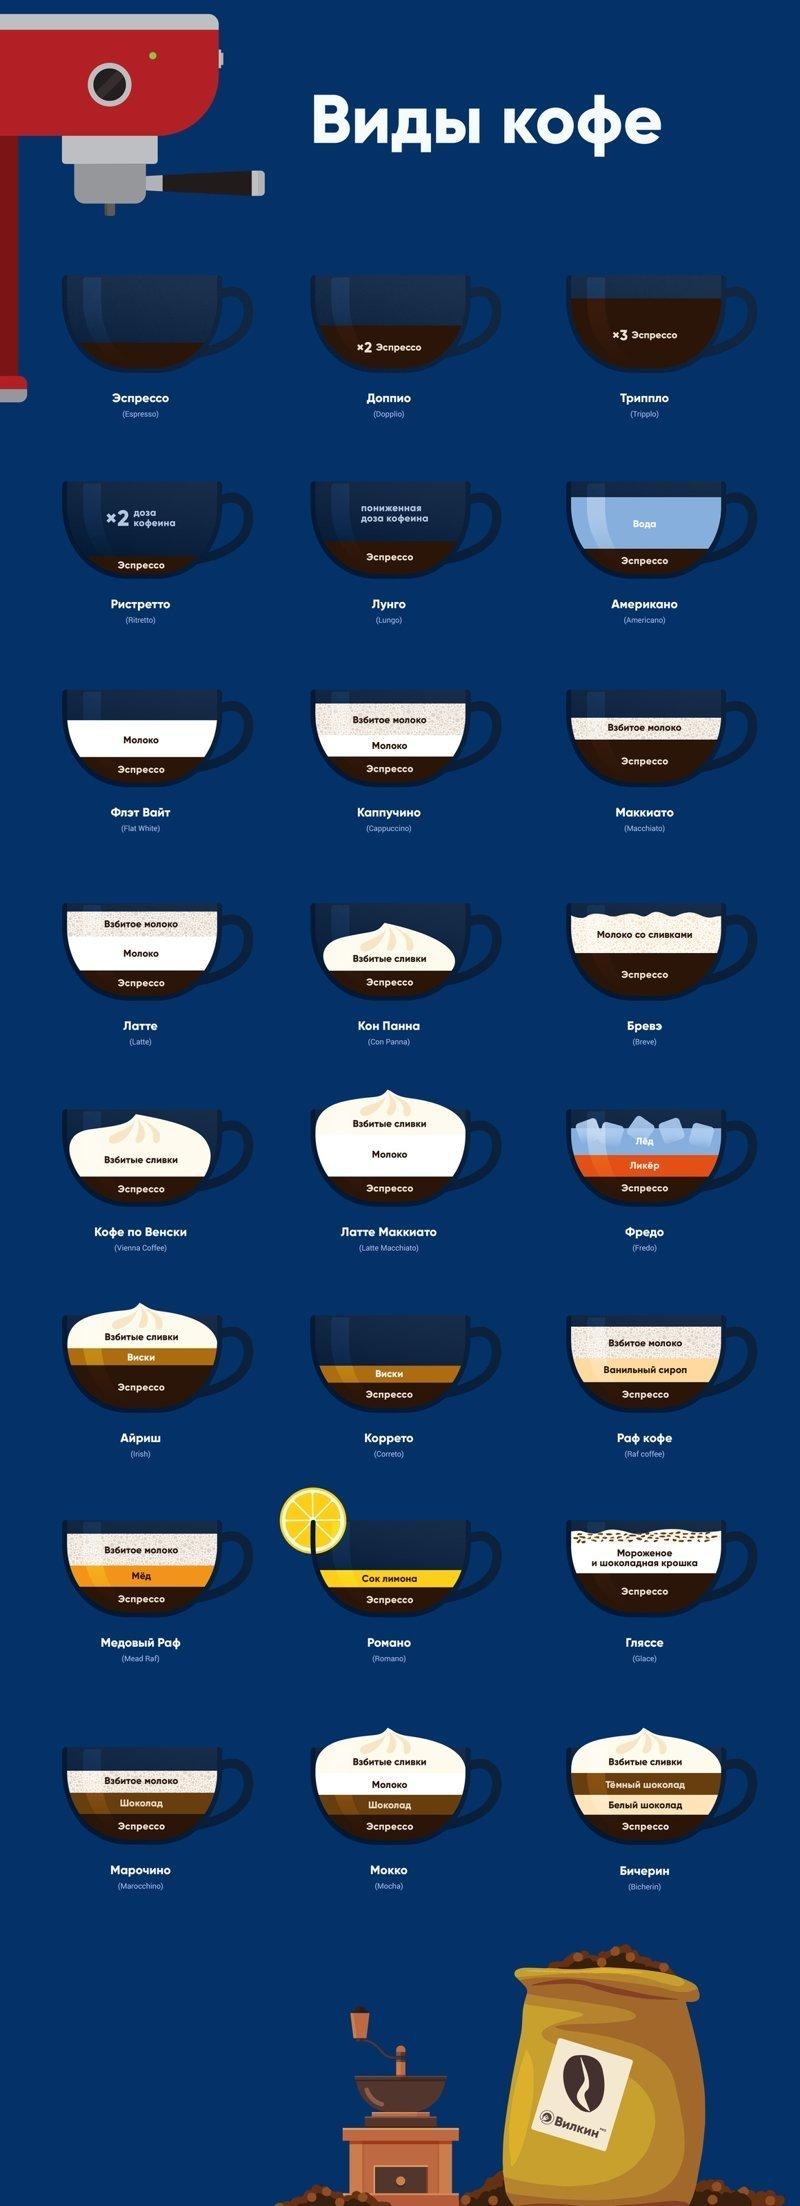 Виды кофе и кофейных напитков график, информация, факты